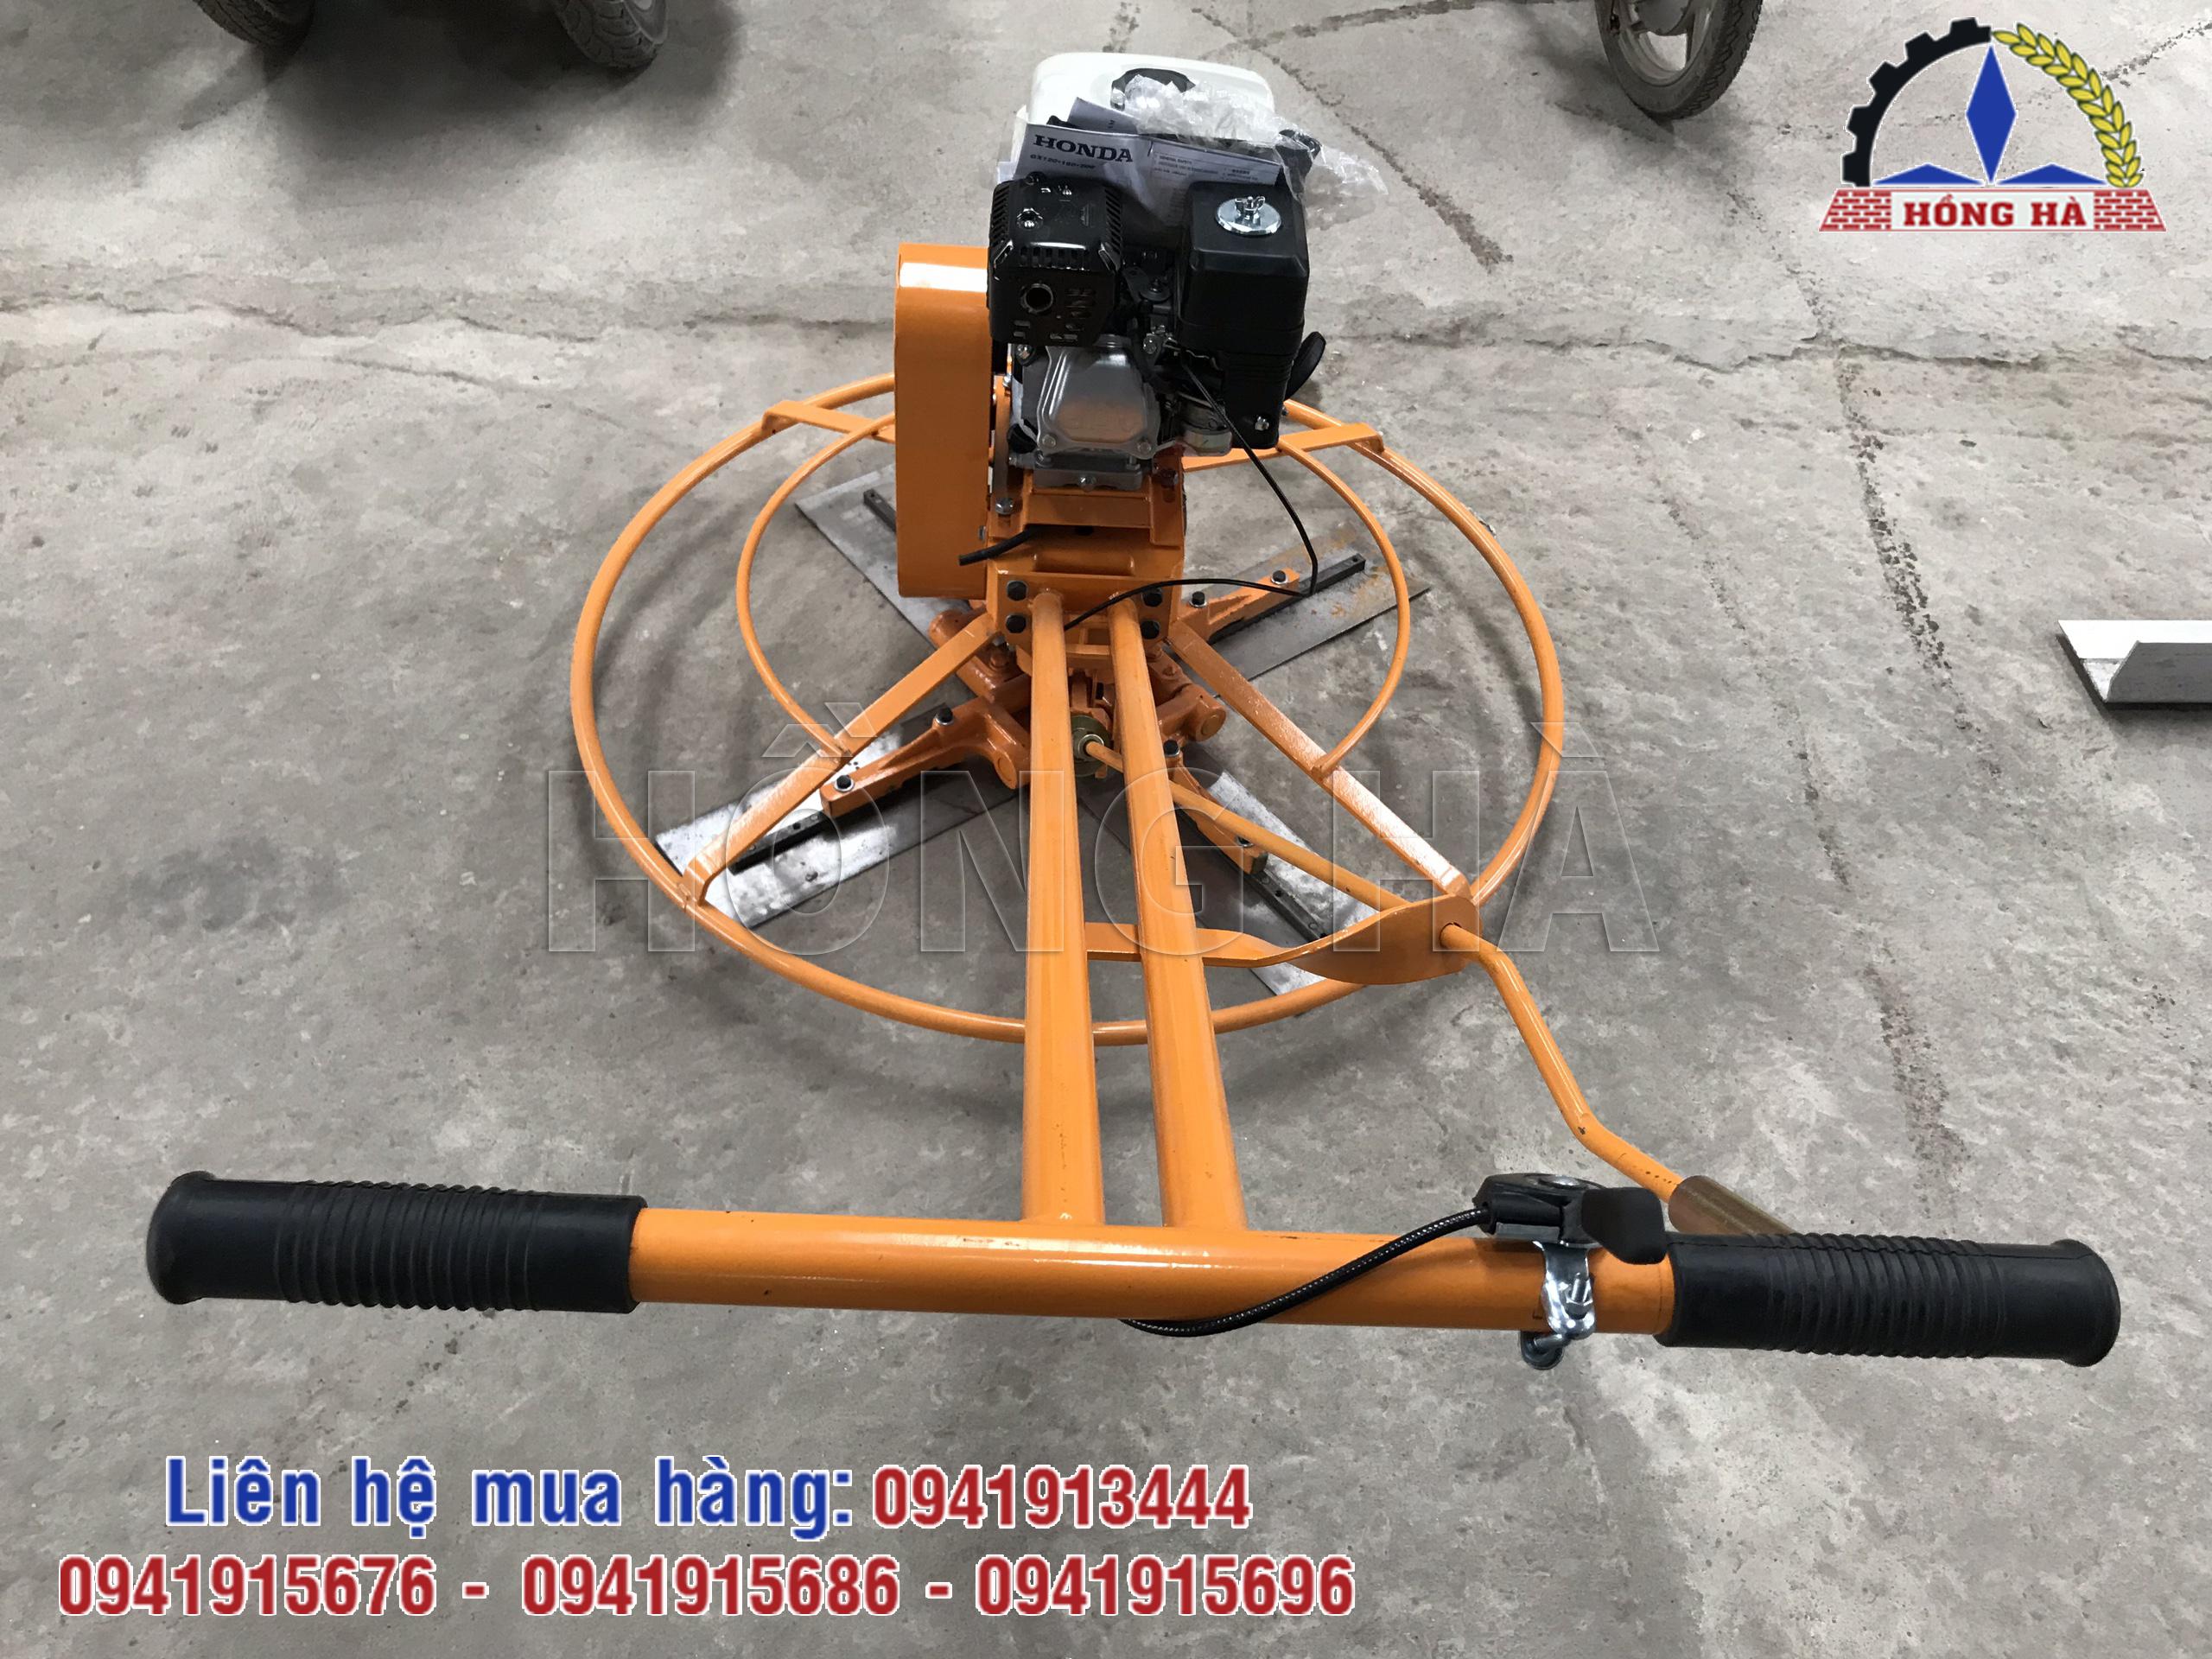 2 Máy xoa nền bê tông và hiệu quả khi sử dụng